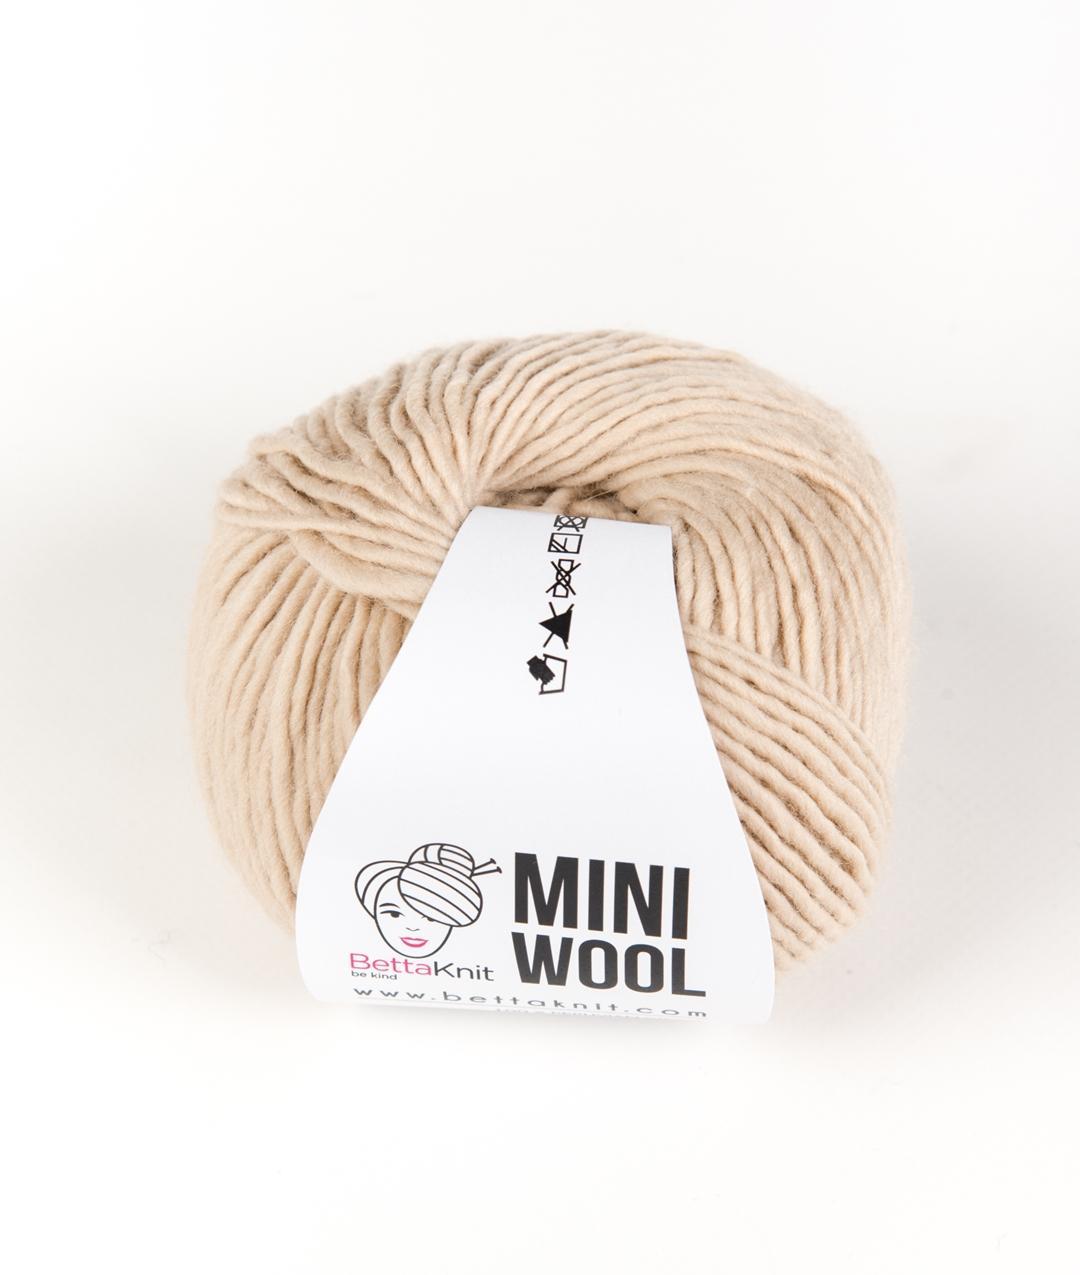 Confezioni di filato - Filati - Mini Wool Pack - 10 gomitoli - 1